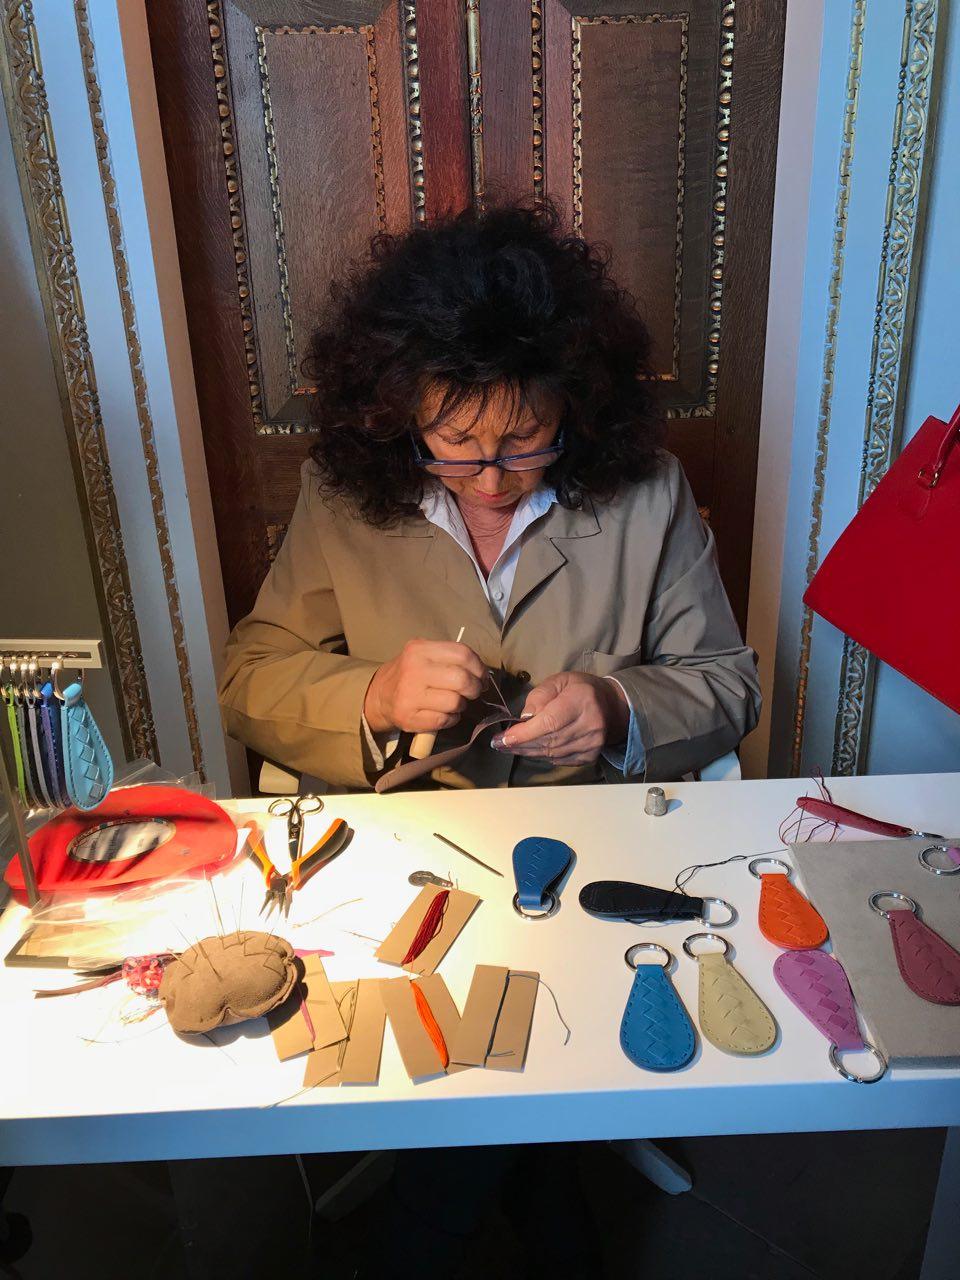 One of the artisans, making Bottega Veneta leather keyrings